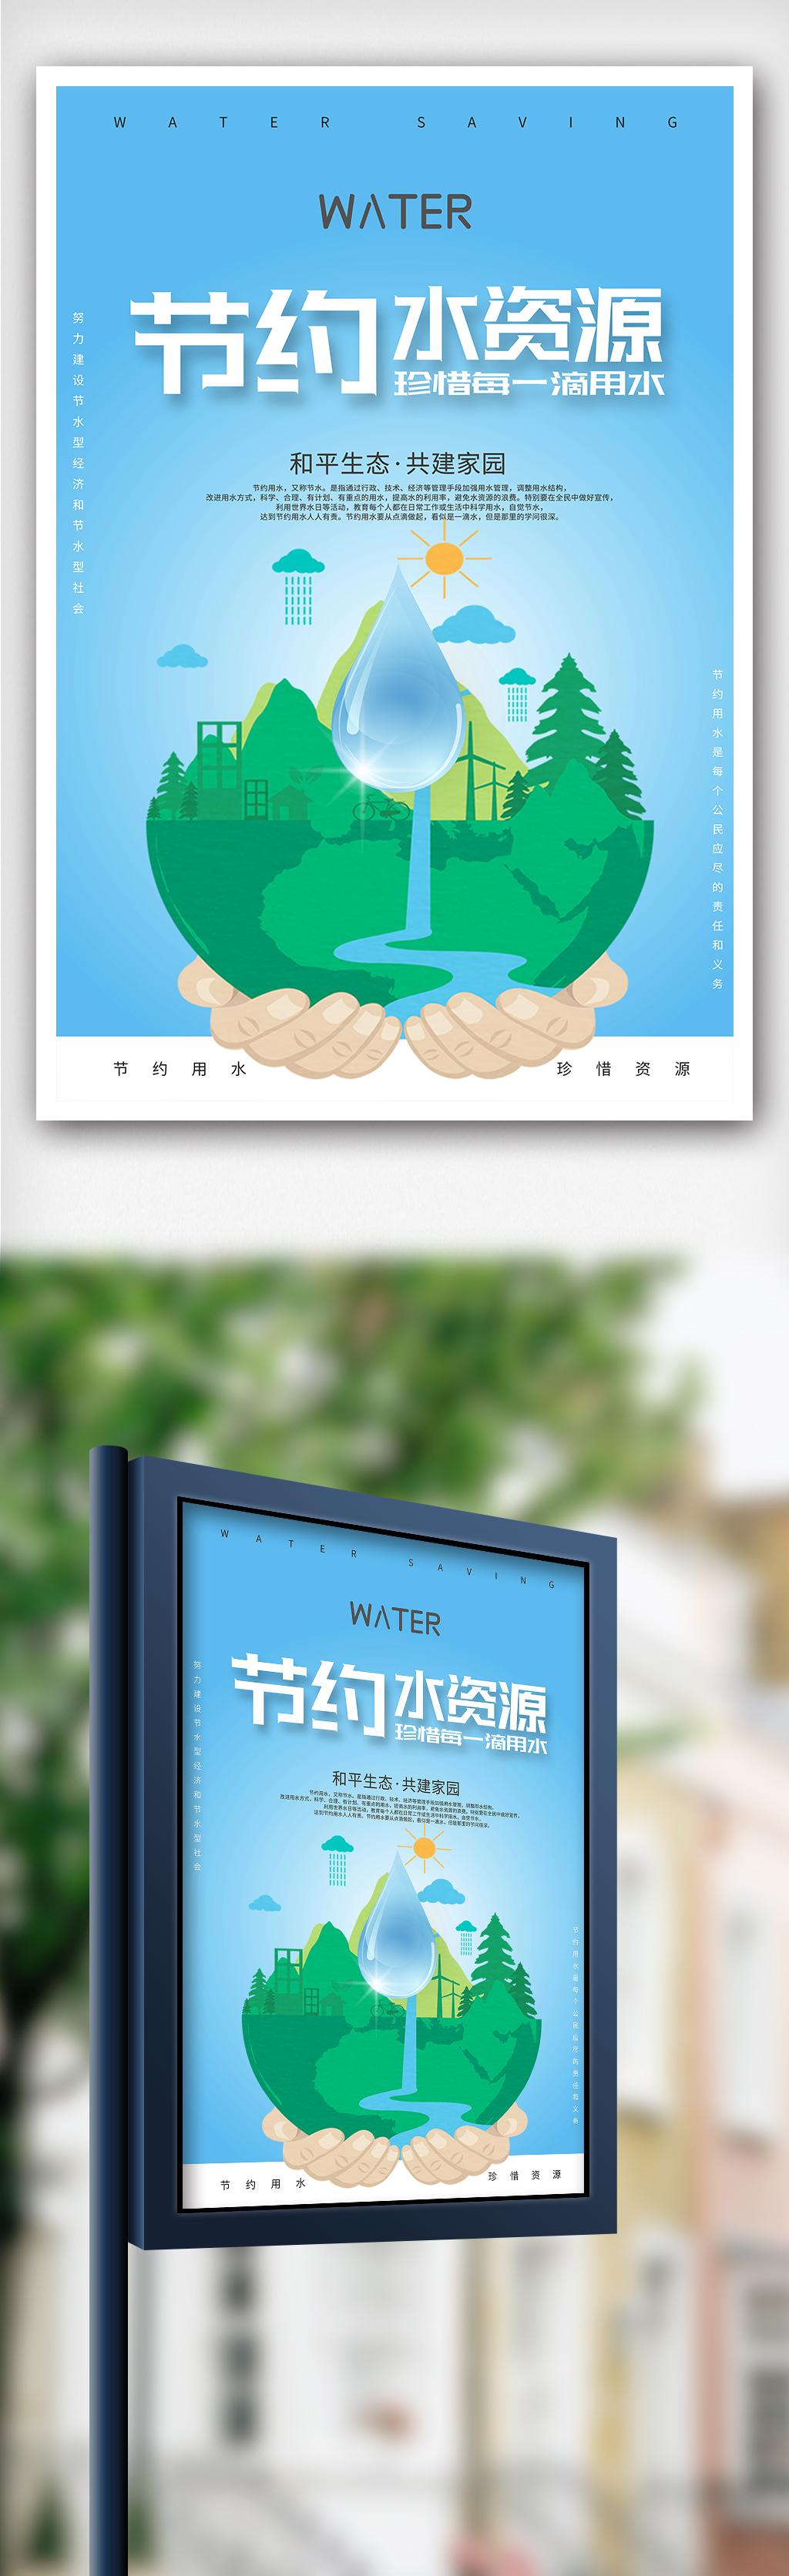 创意卡通插画风格节约水资源户外海报图片